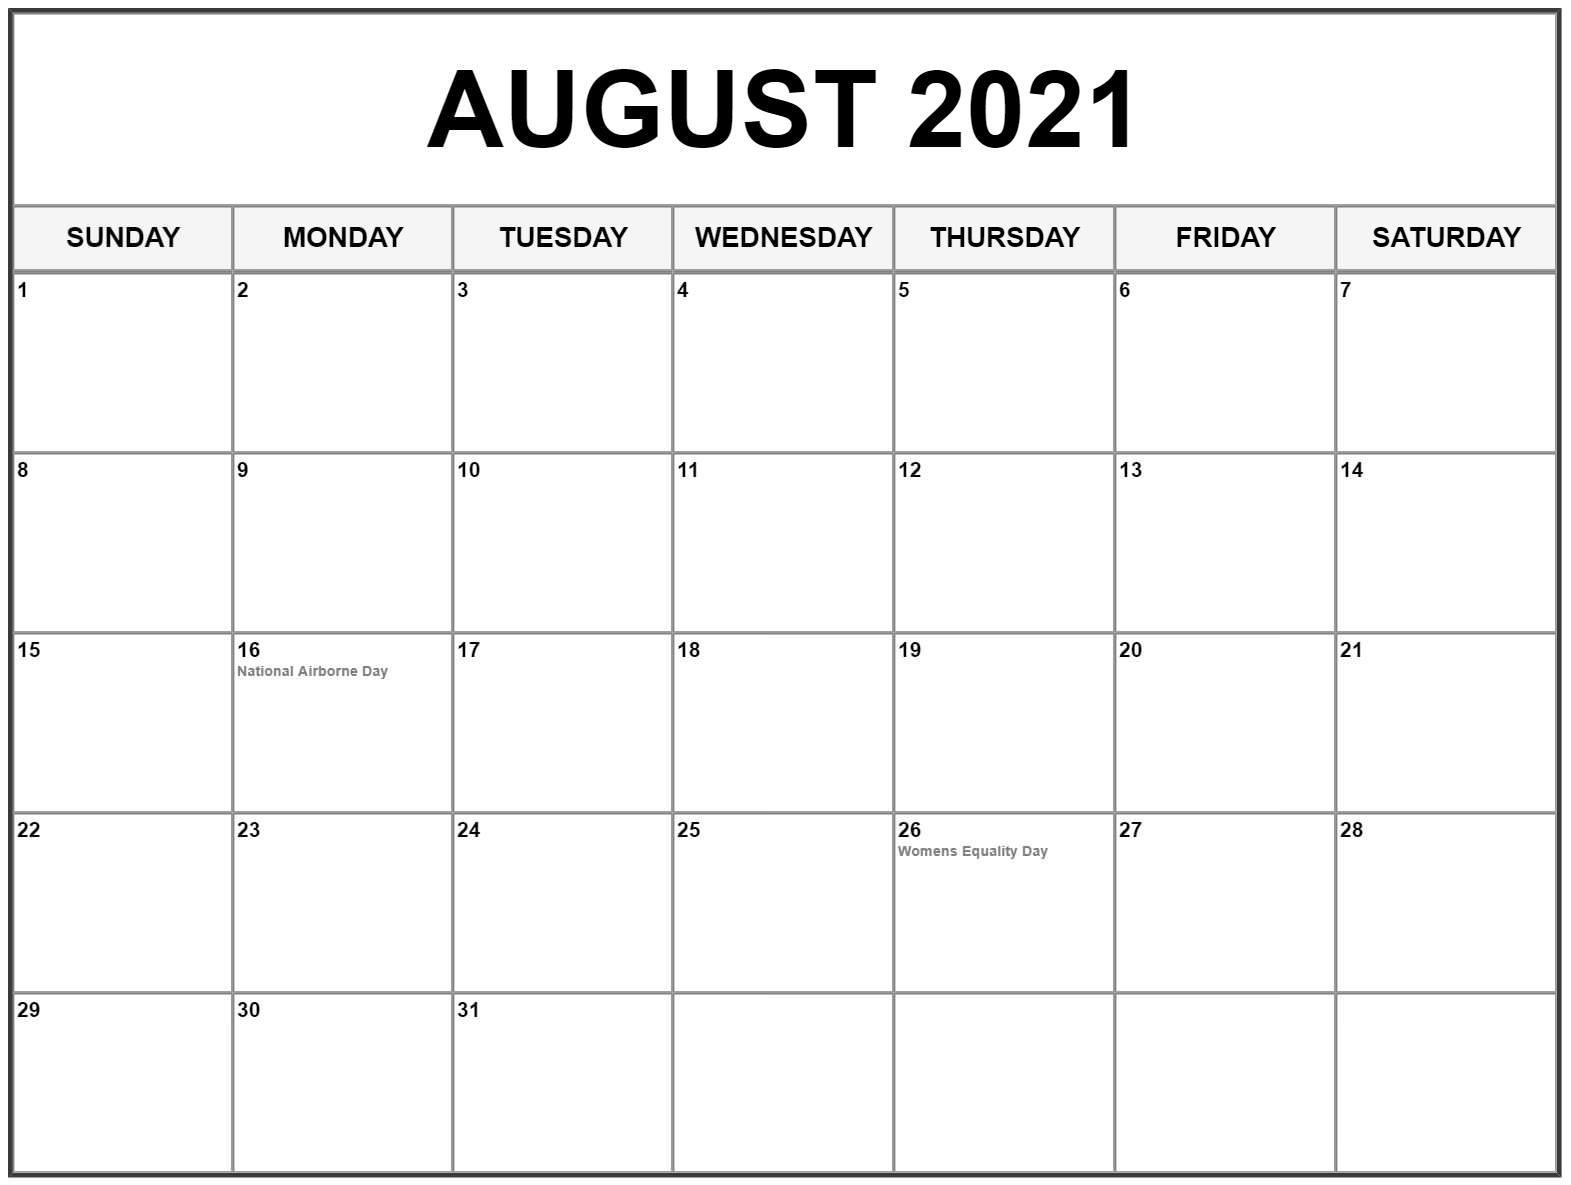 Free August 2021 Calendar Template